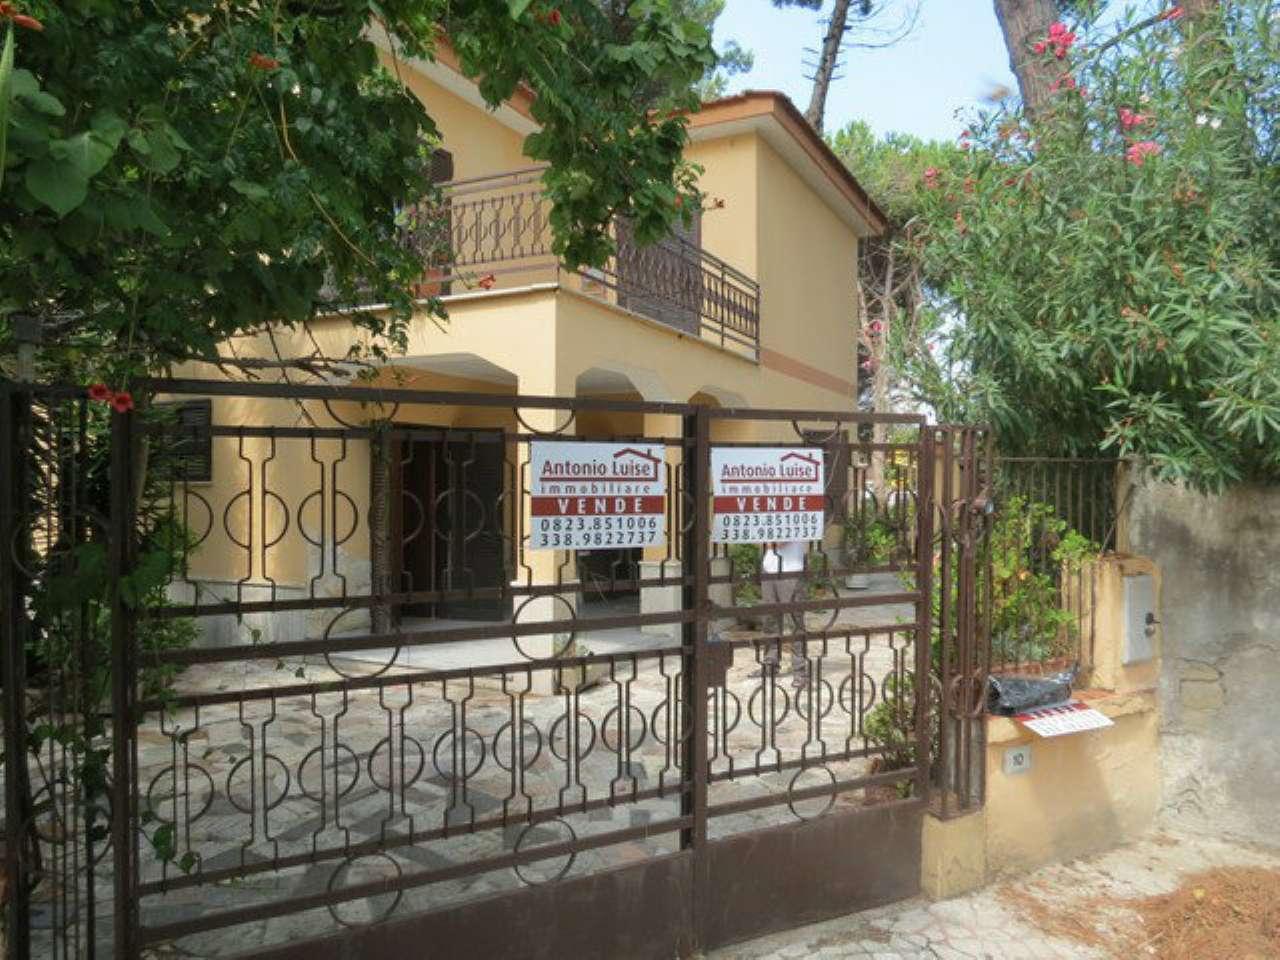 Villa in vendita a Castel Volturno, 7 locali, prezzo € 65.000 | CambioCasa.it